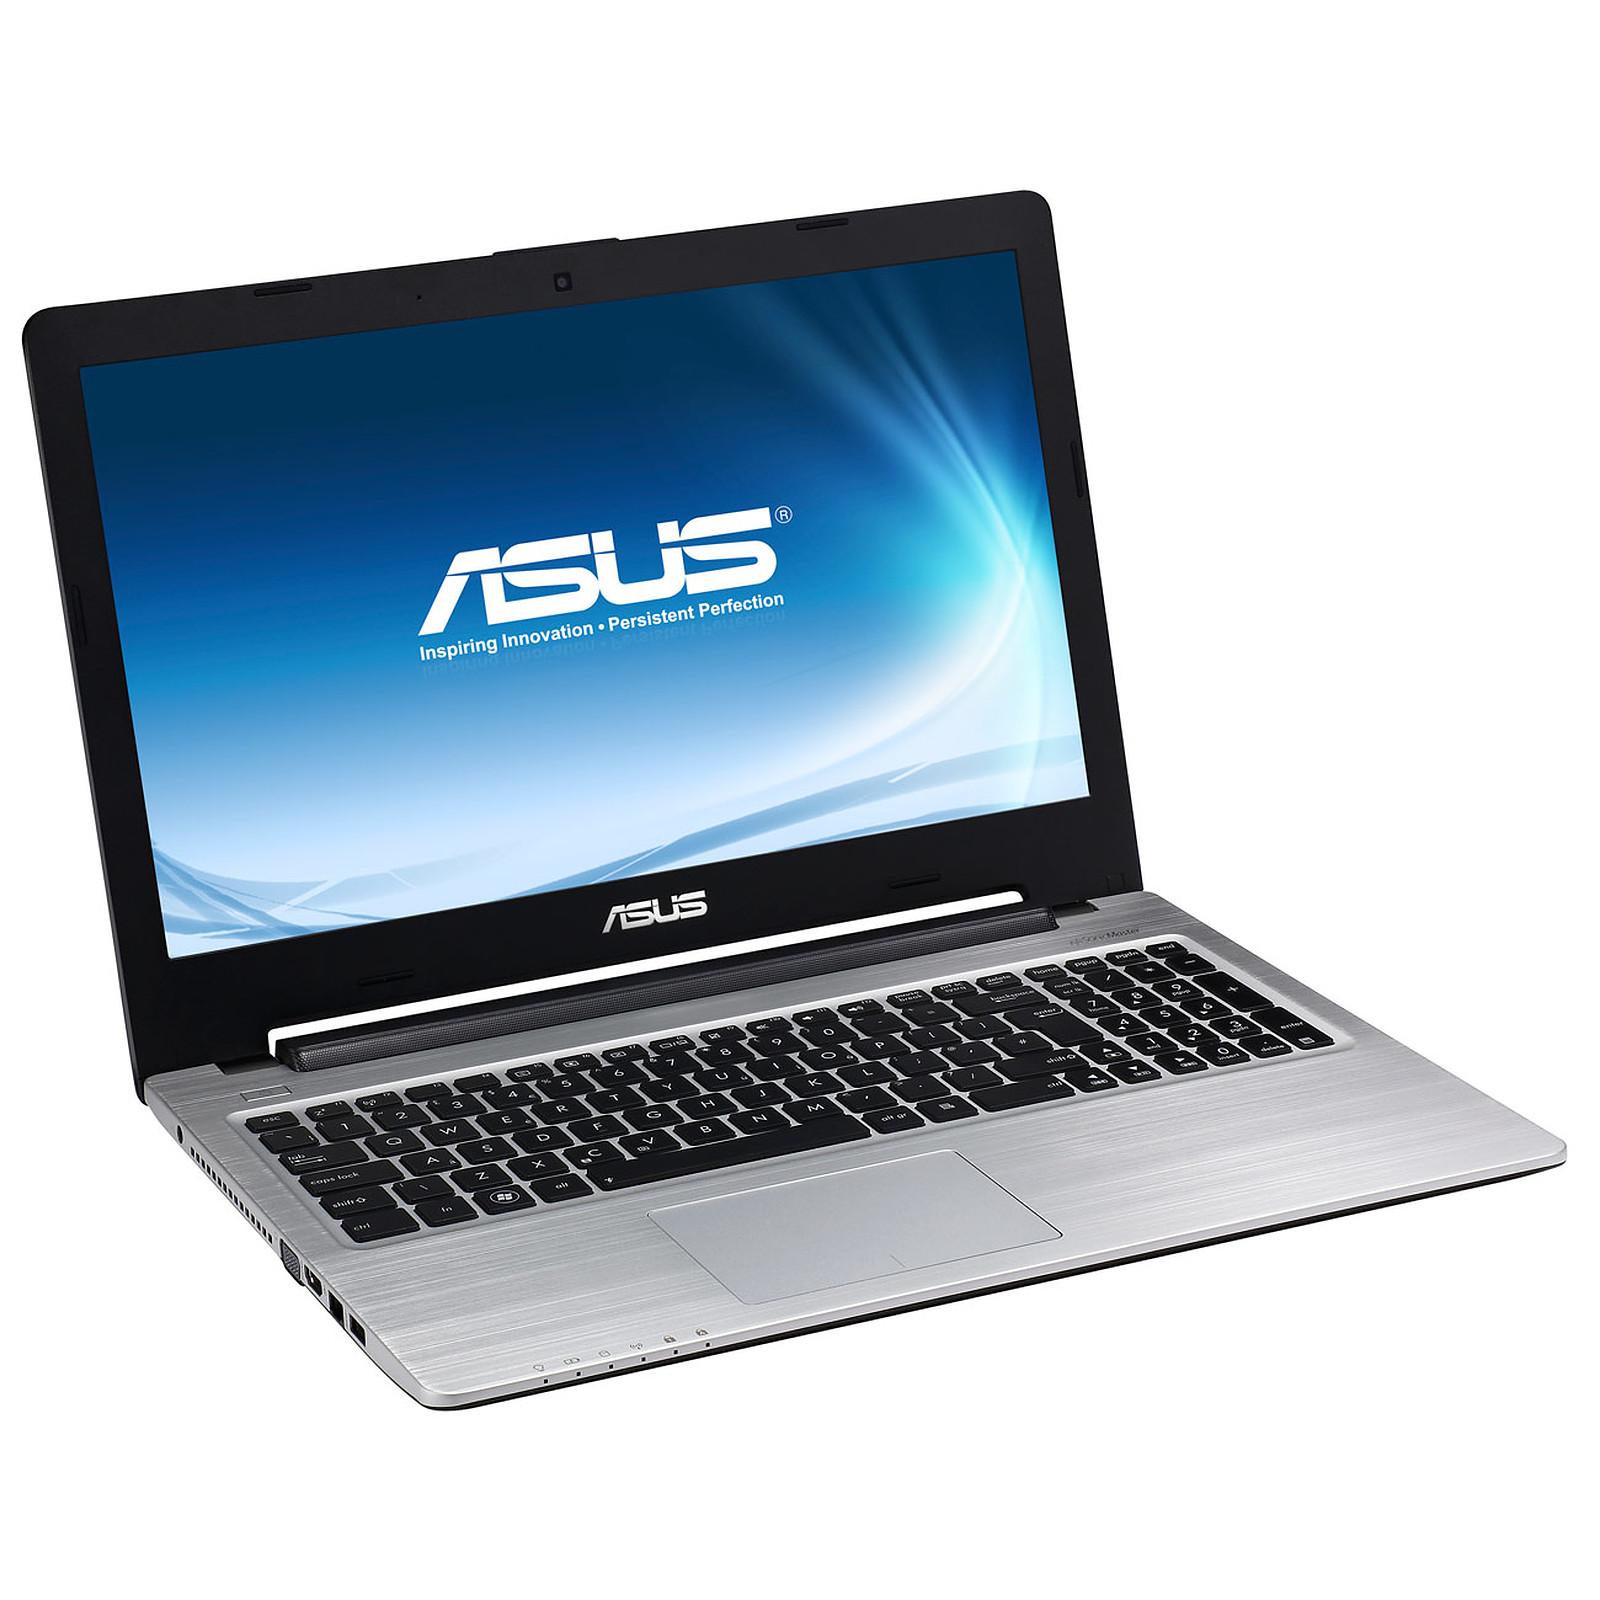 ASUS S56CM-XX240P Slim